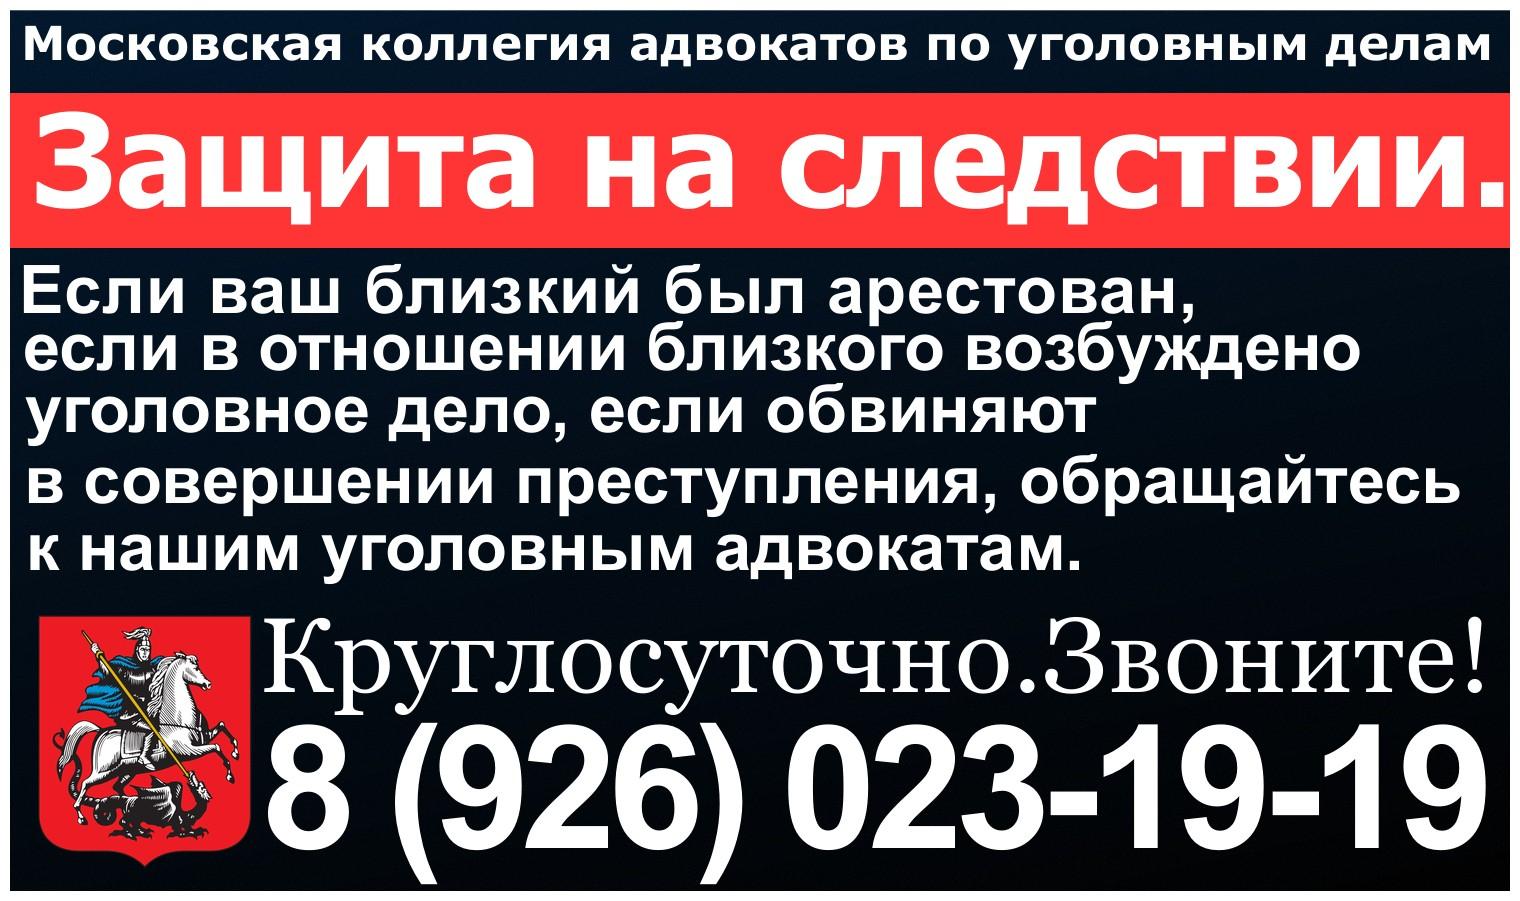 advokat_po_ugolovnym_delam_kruglosutochno